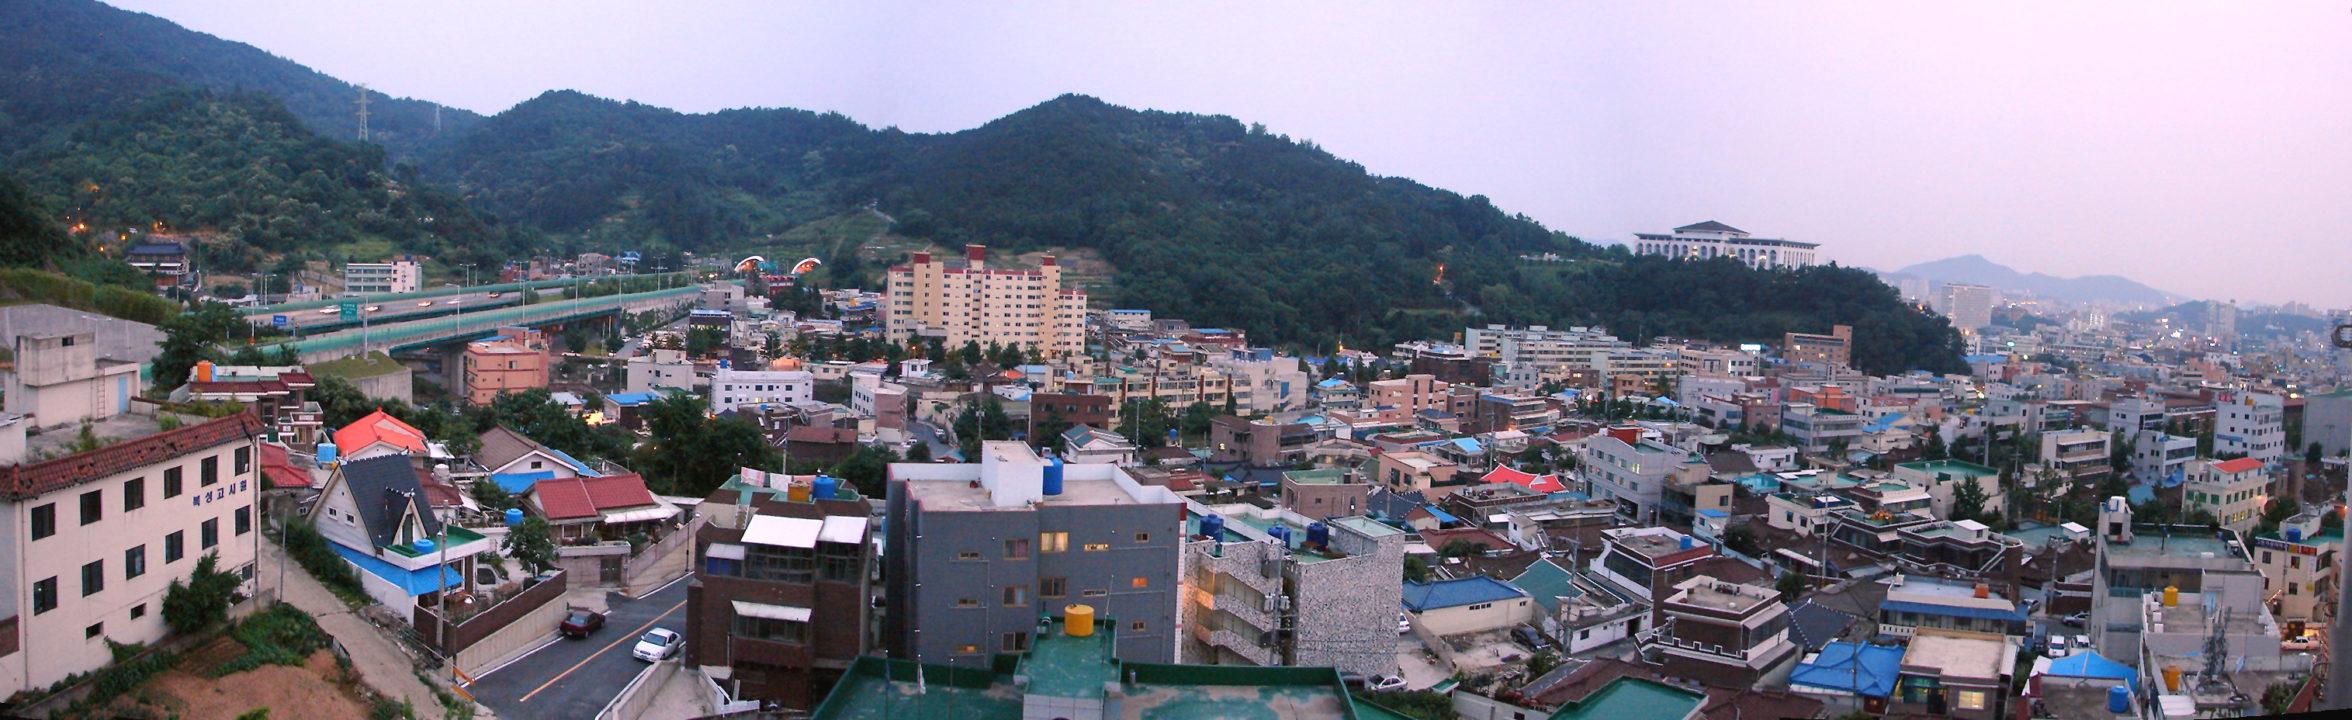 Accident dans une boite de nuit à Gwangju : des athlètes blessés